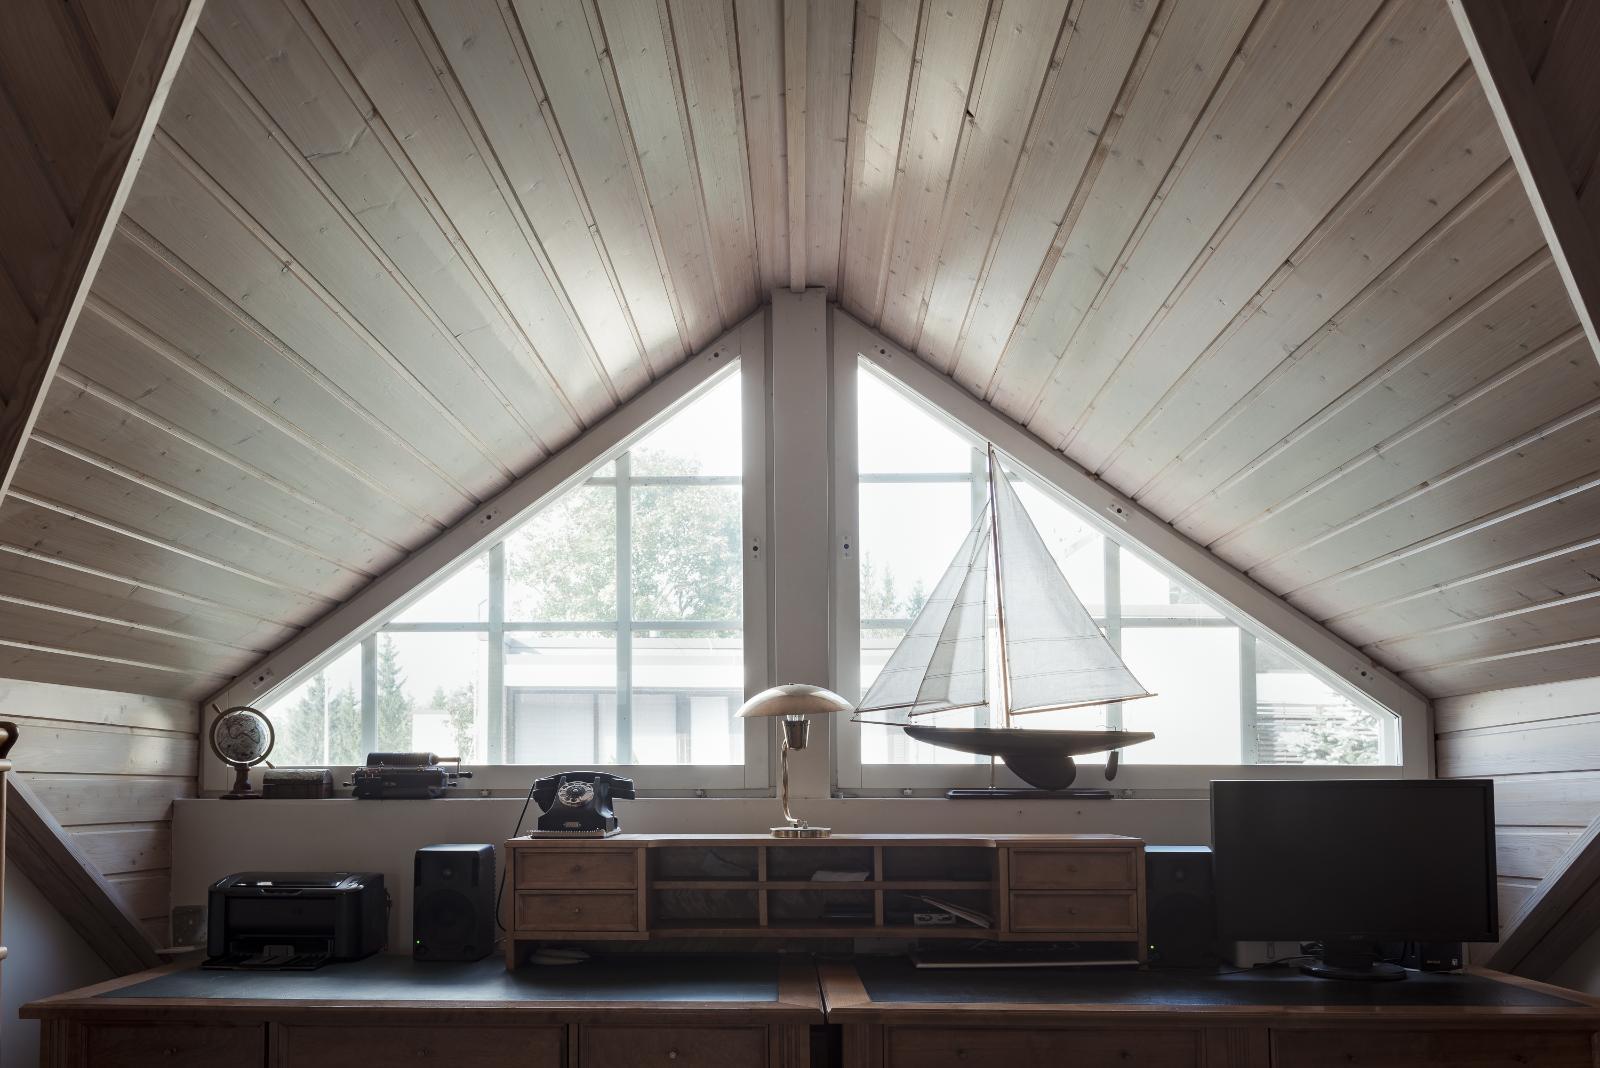 Yläkerran sisäkaton näyttävä harja ja suuret yläikkunat tuovat arkkitehtonisuutta ja ilmeikkyyttä. title=